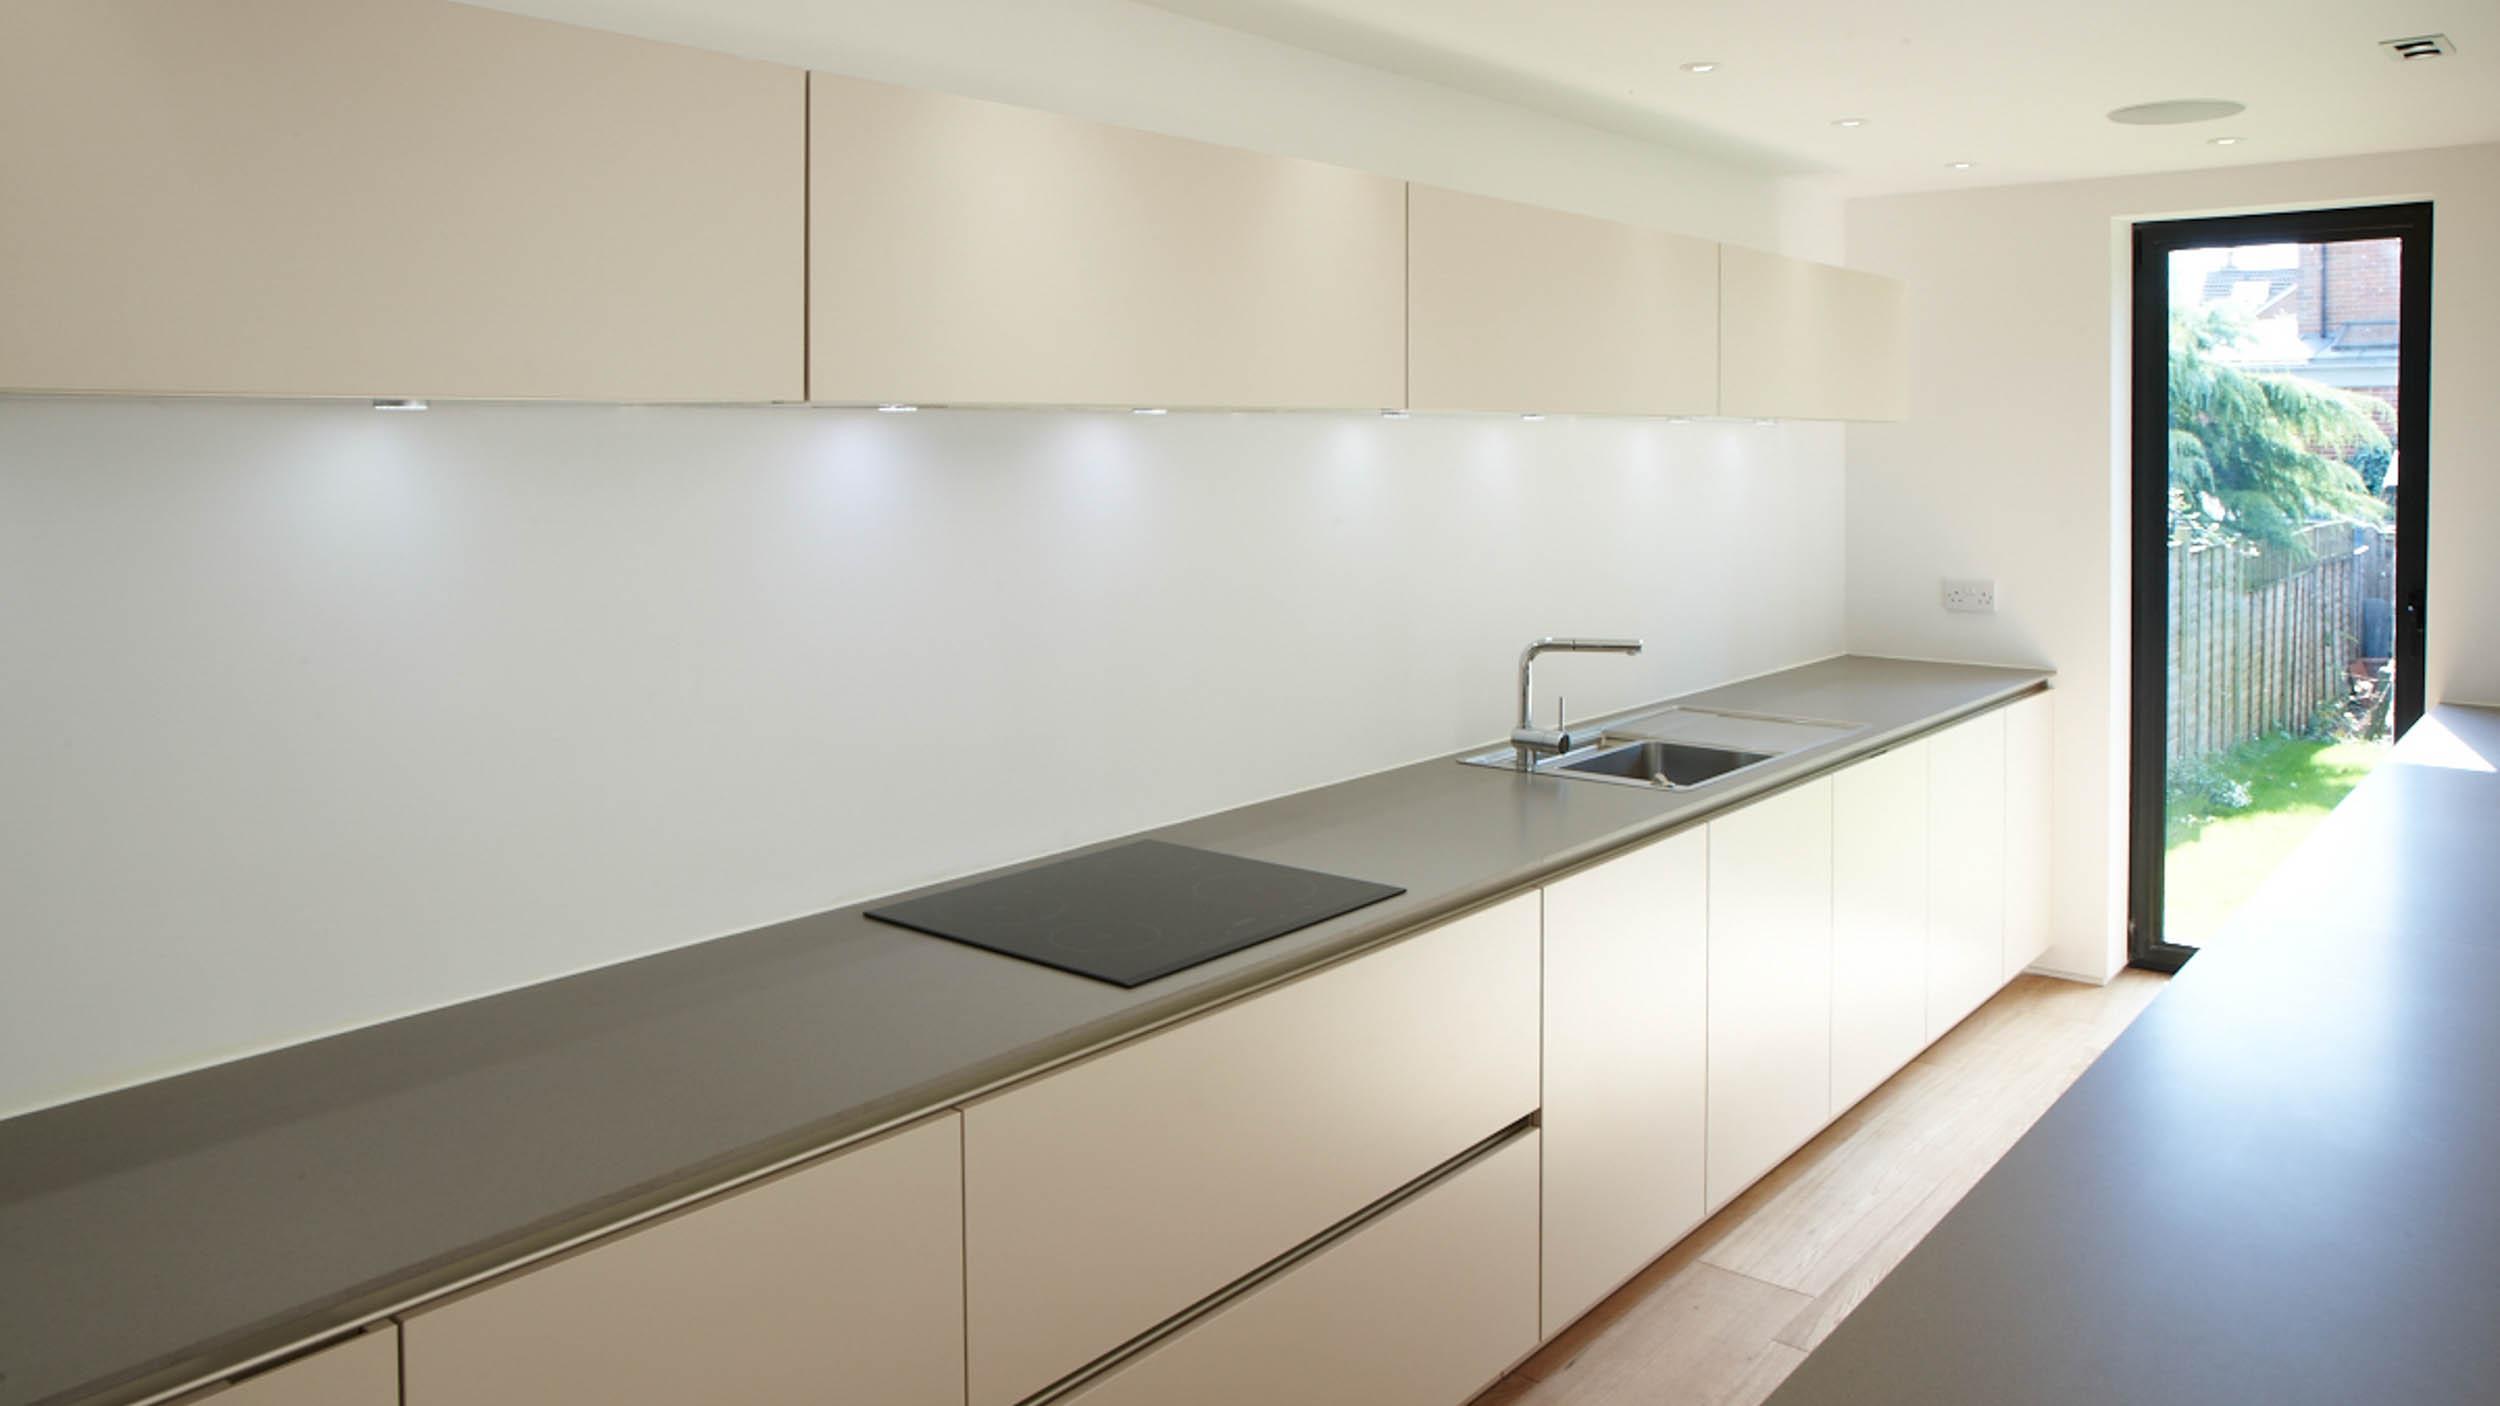 nuns_kitchen 3202.jpg